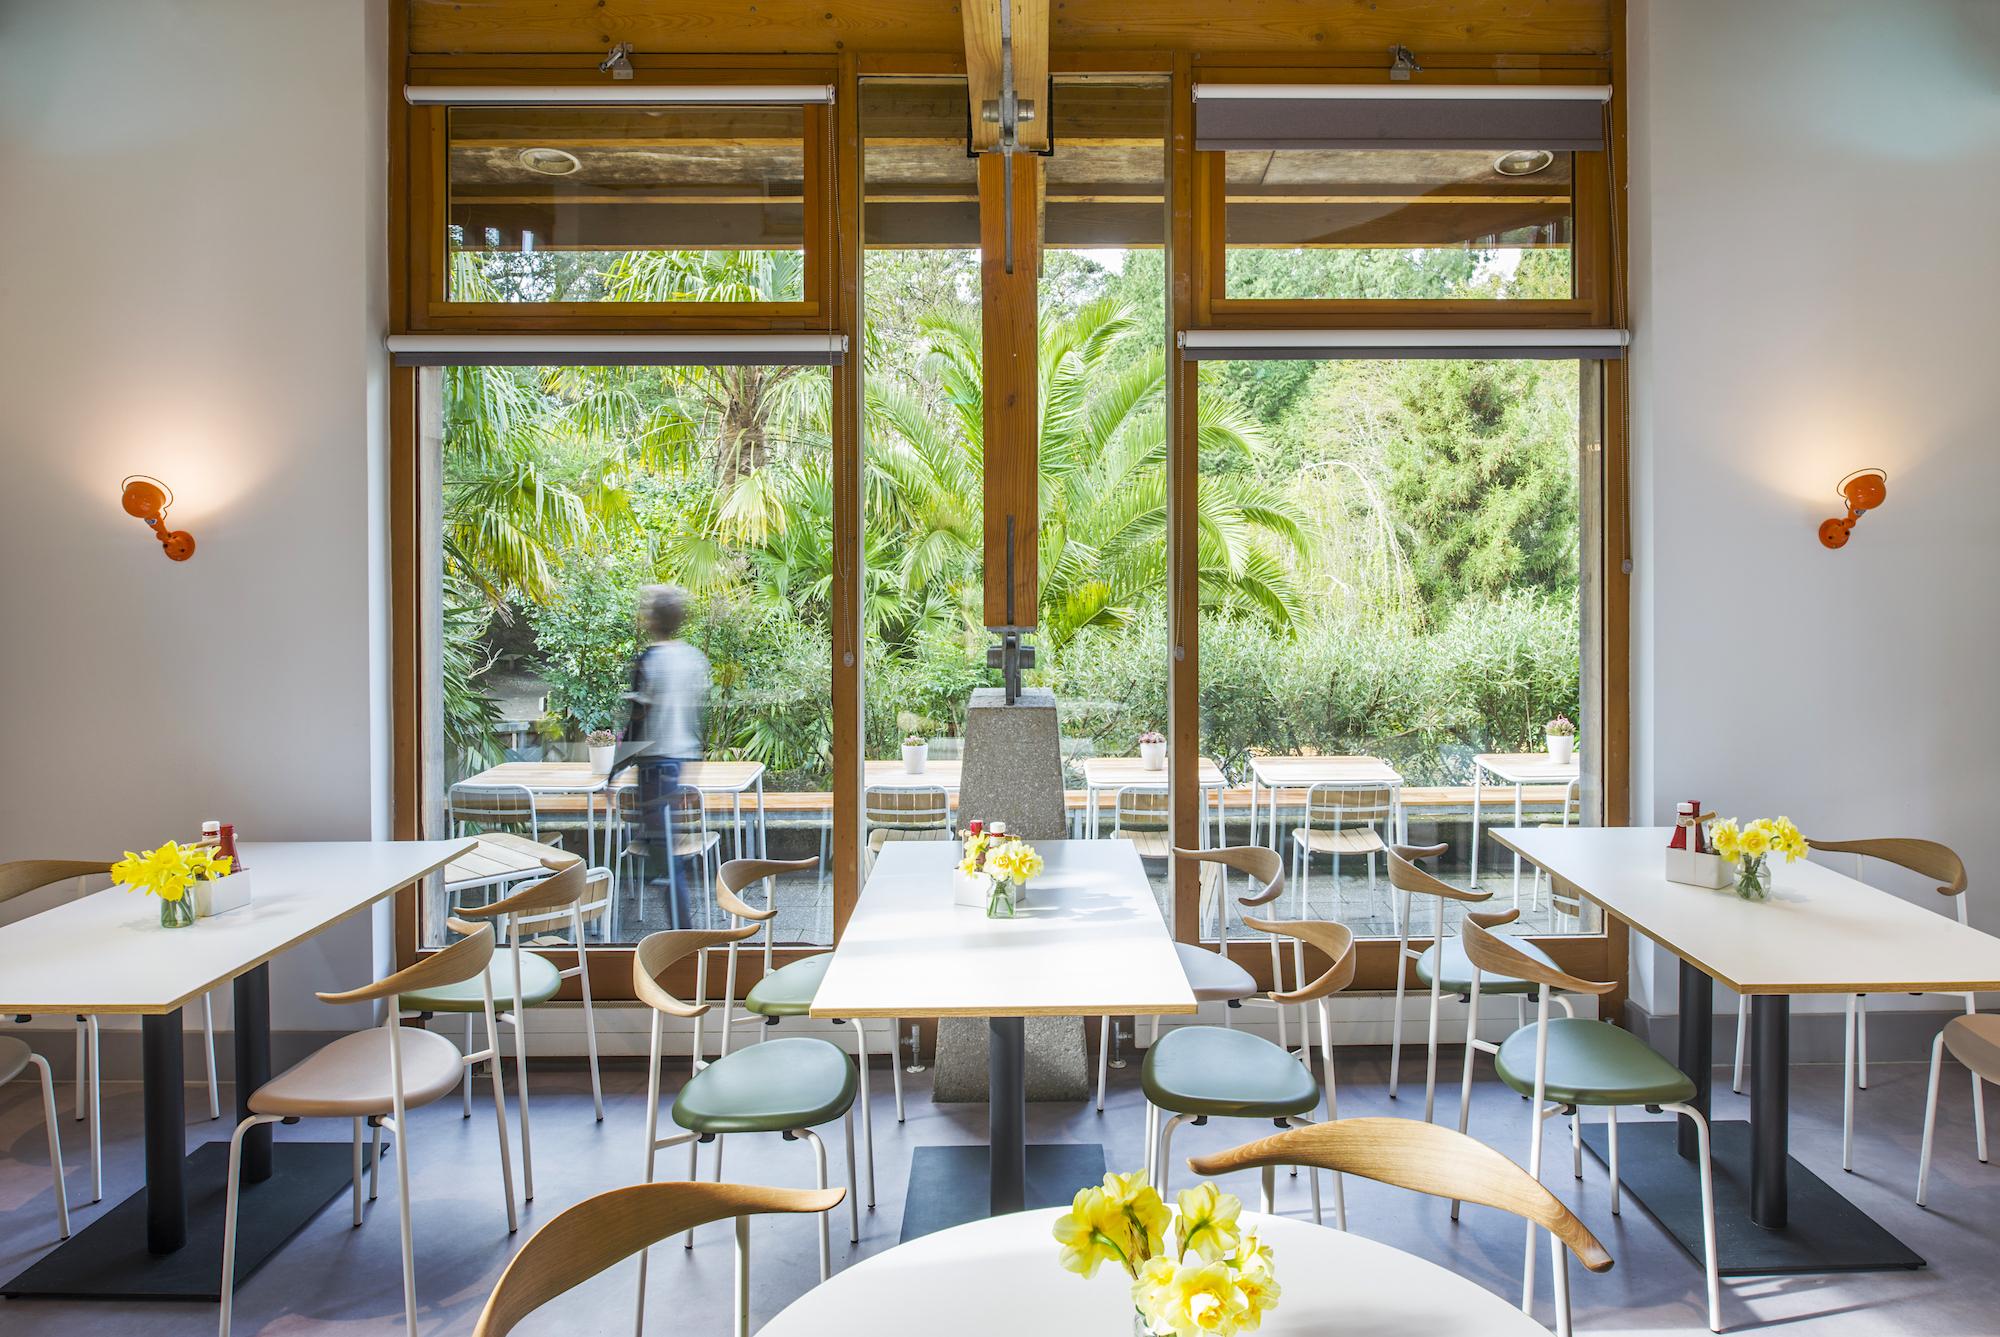 eleanor-bell-restaurant-lighting-trebah-cafe-inside-outside.jpg